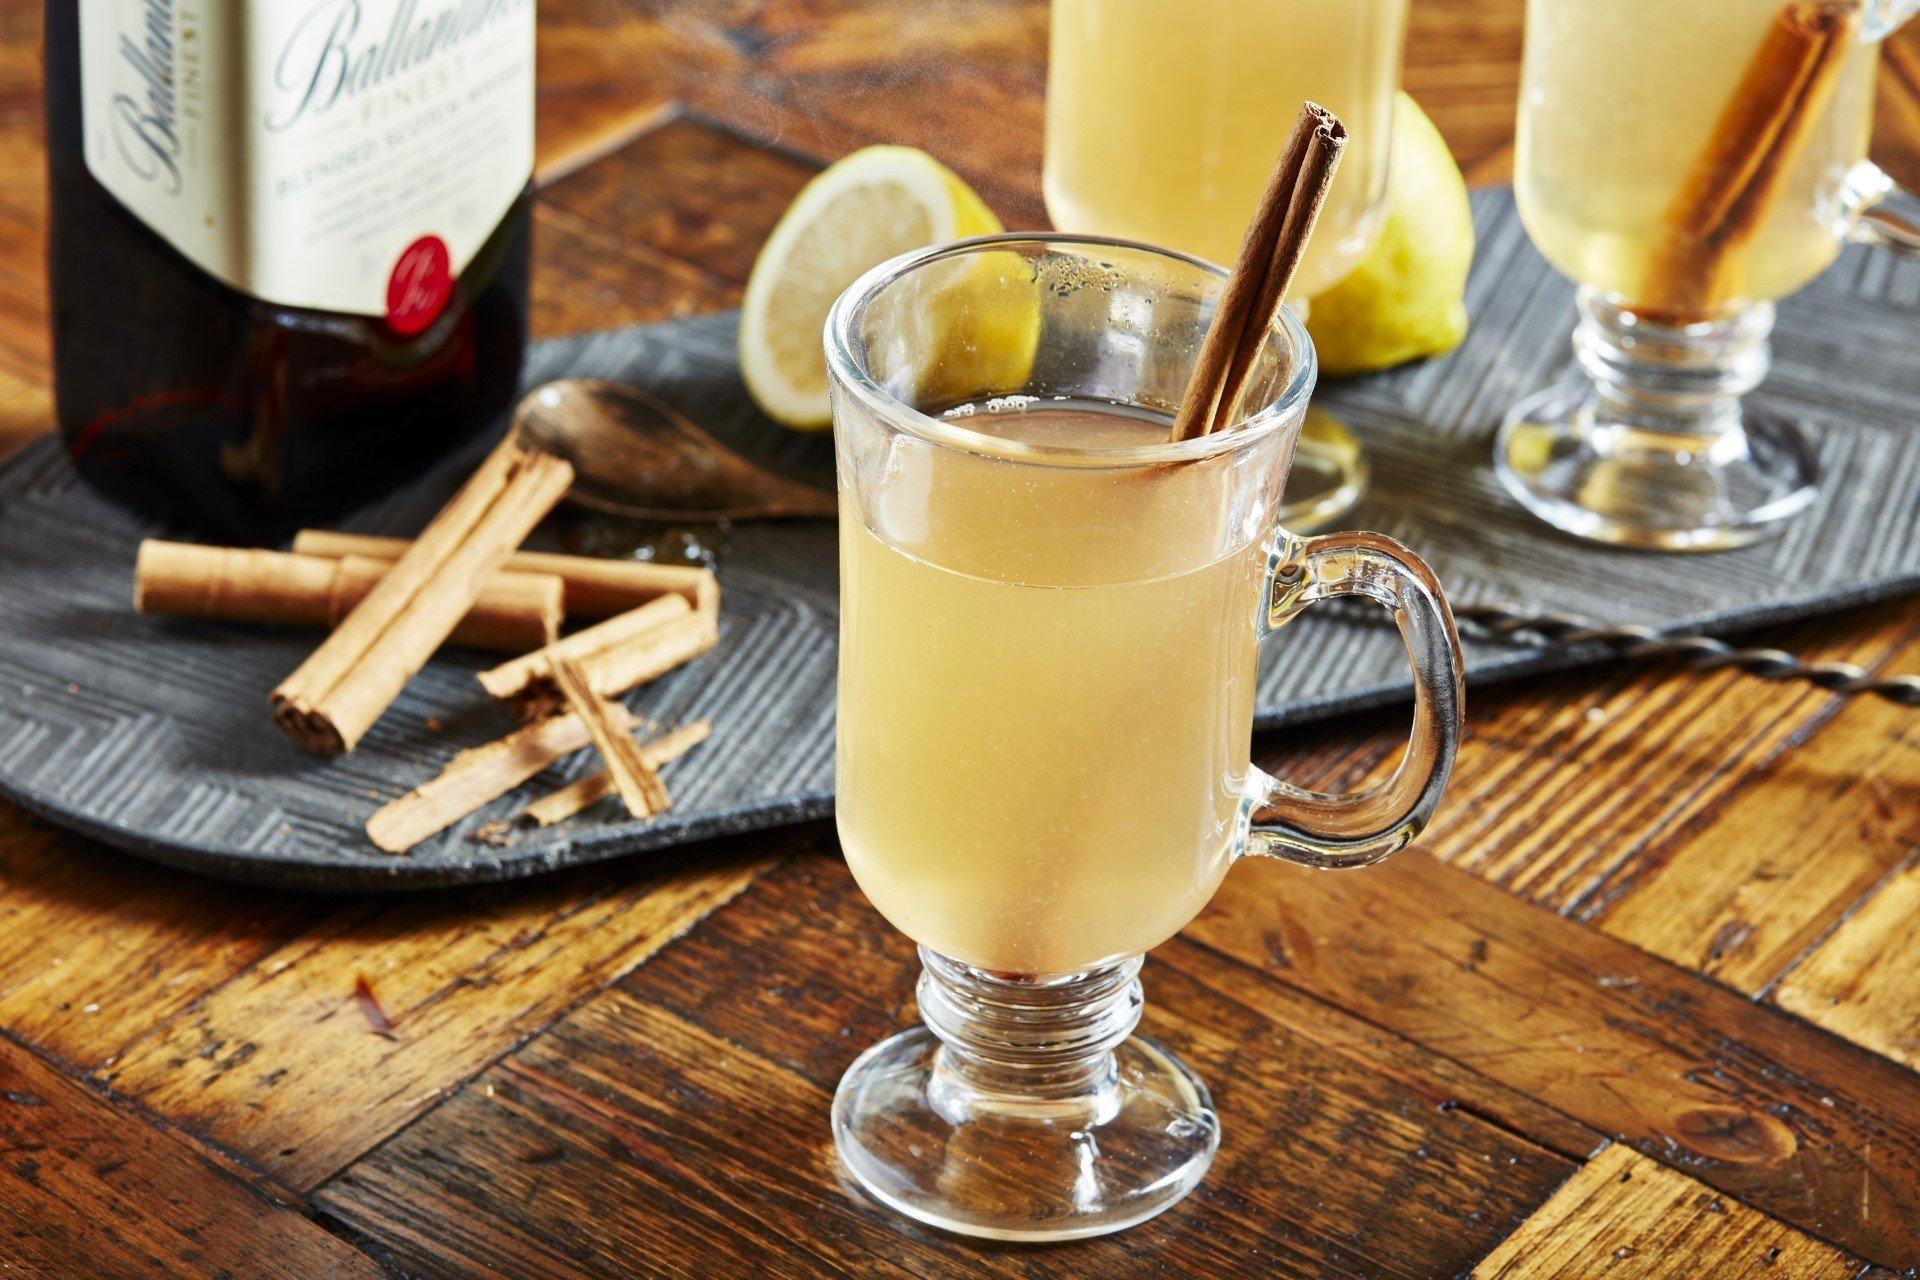 ballantines-finest-hot-toddy-drink